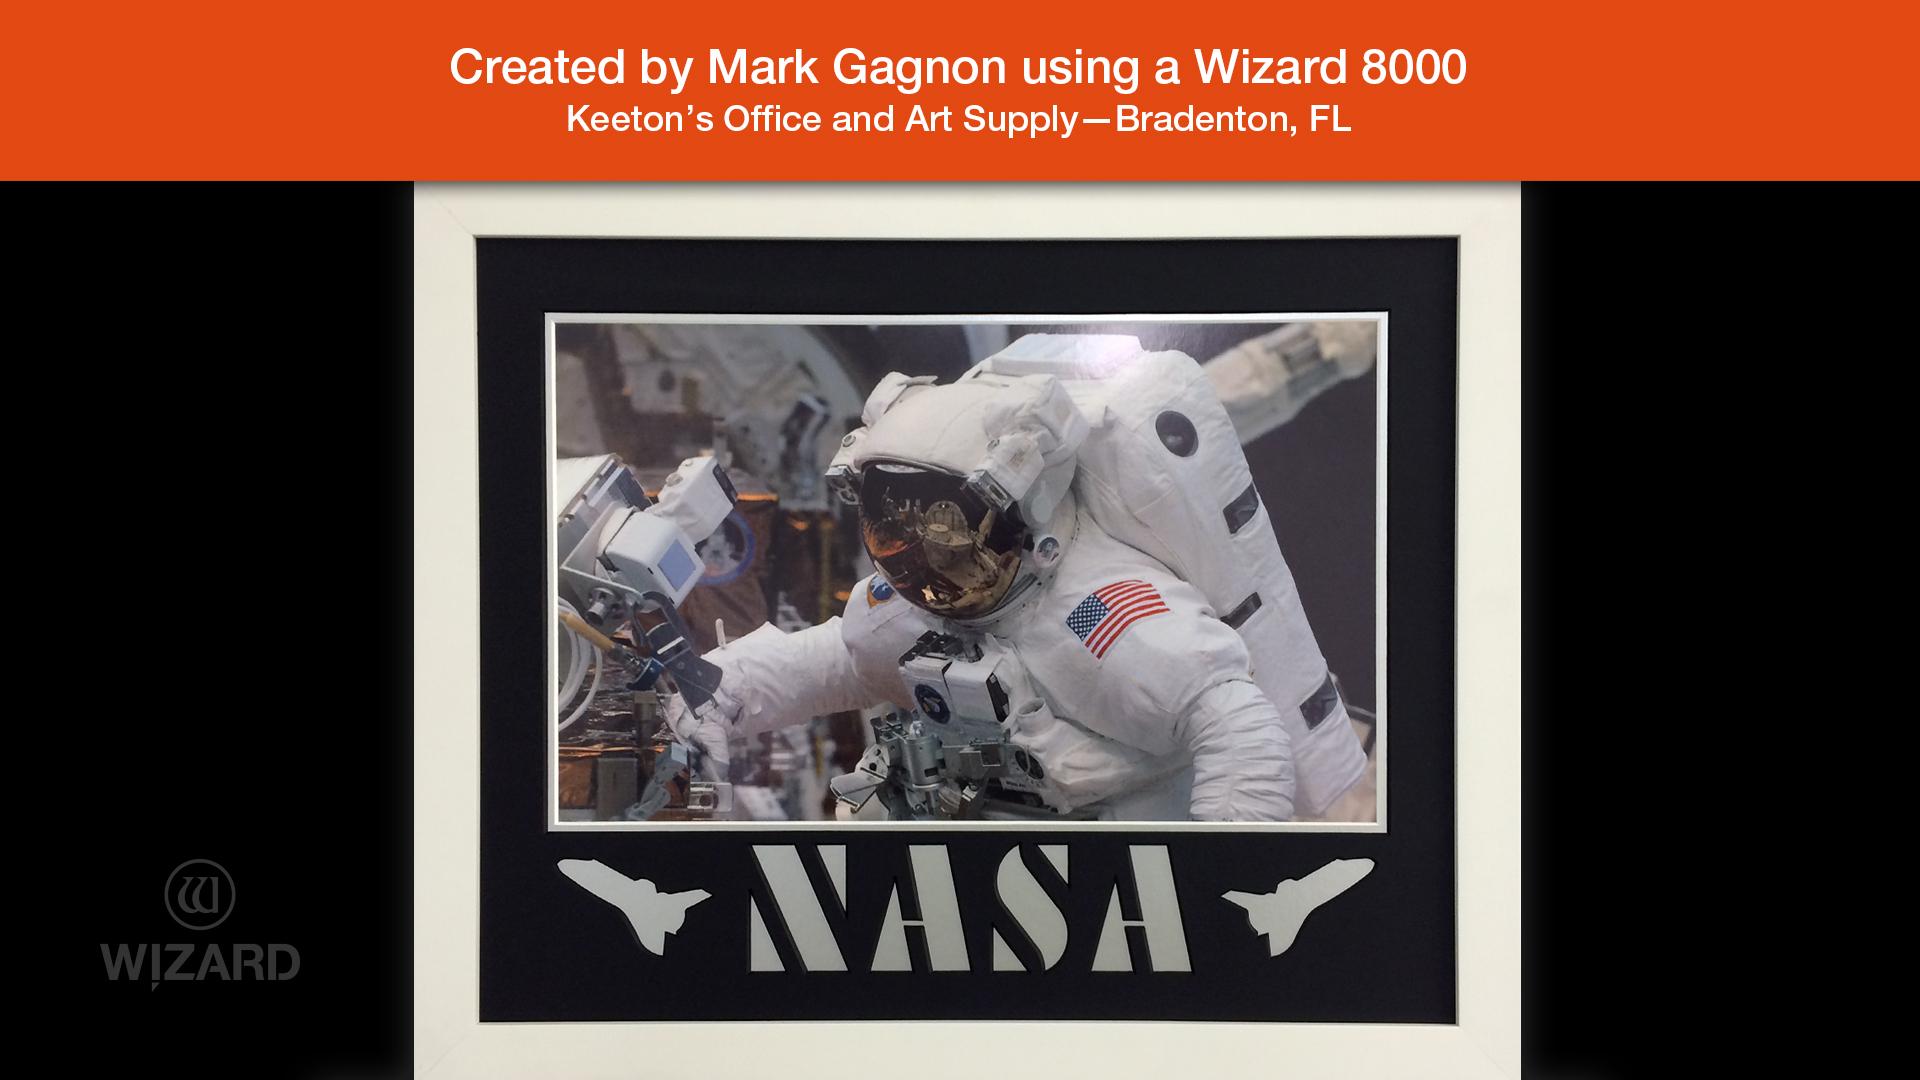 mark-gagnon-2.jpg